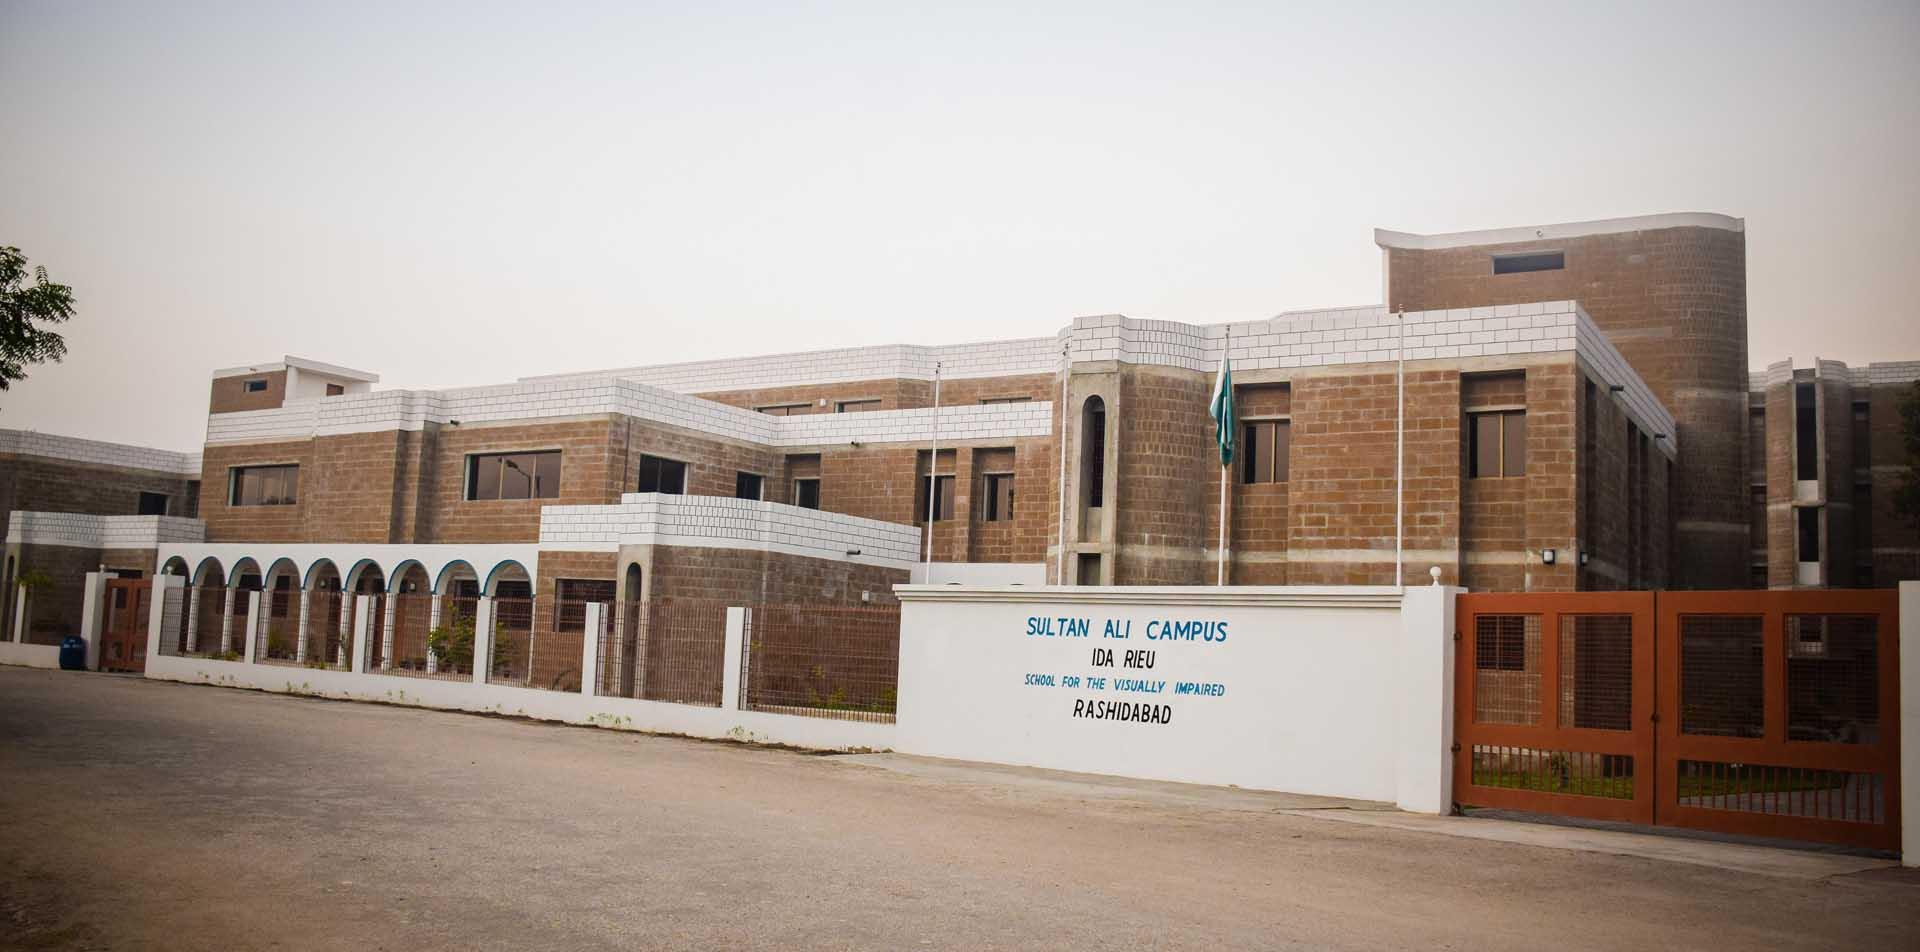 Sultan Ali Campus